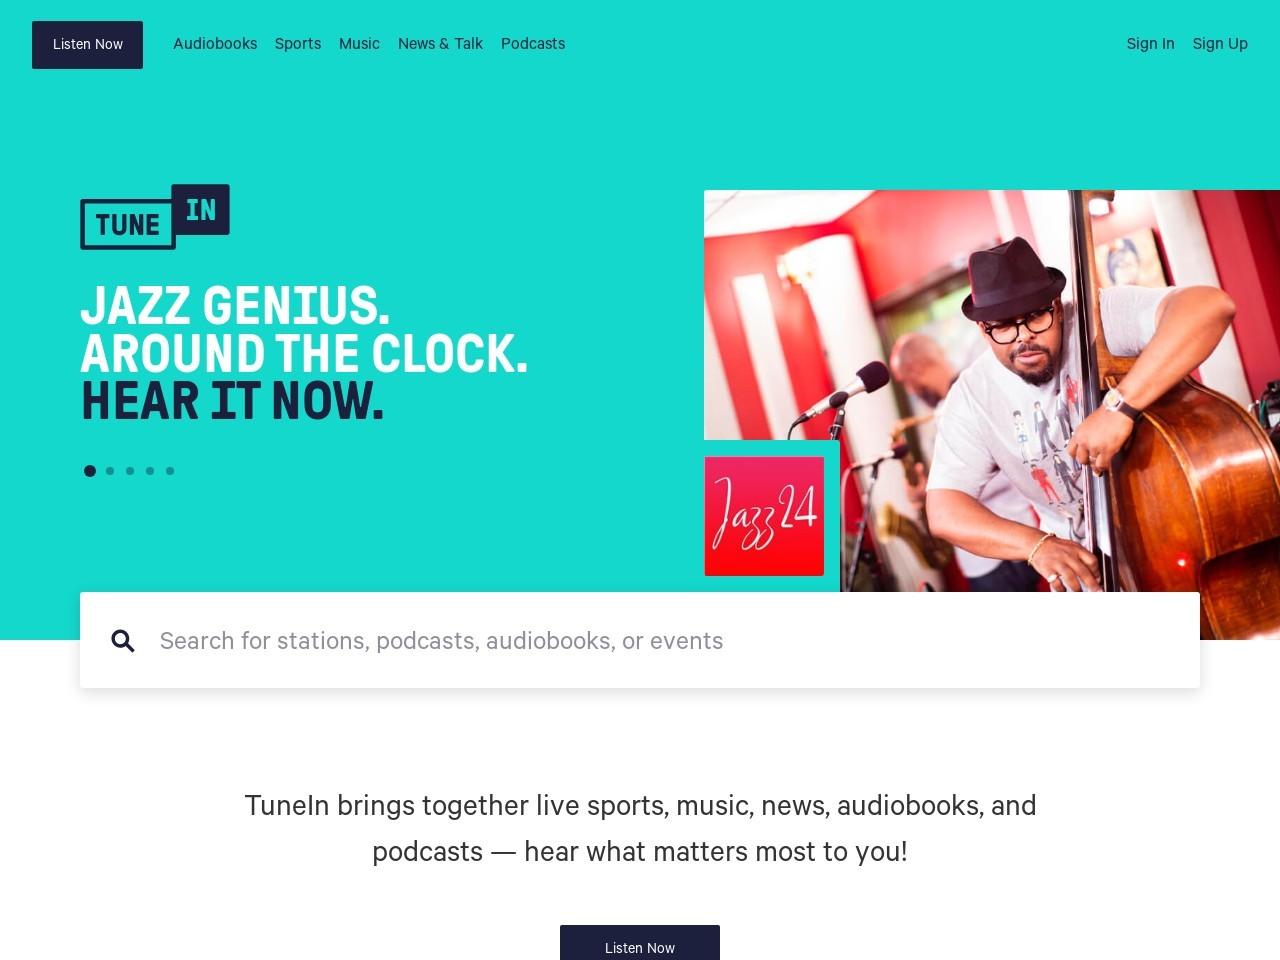 tunein.com